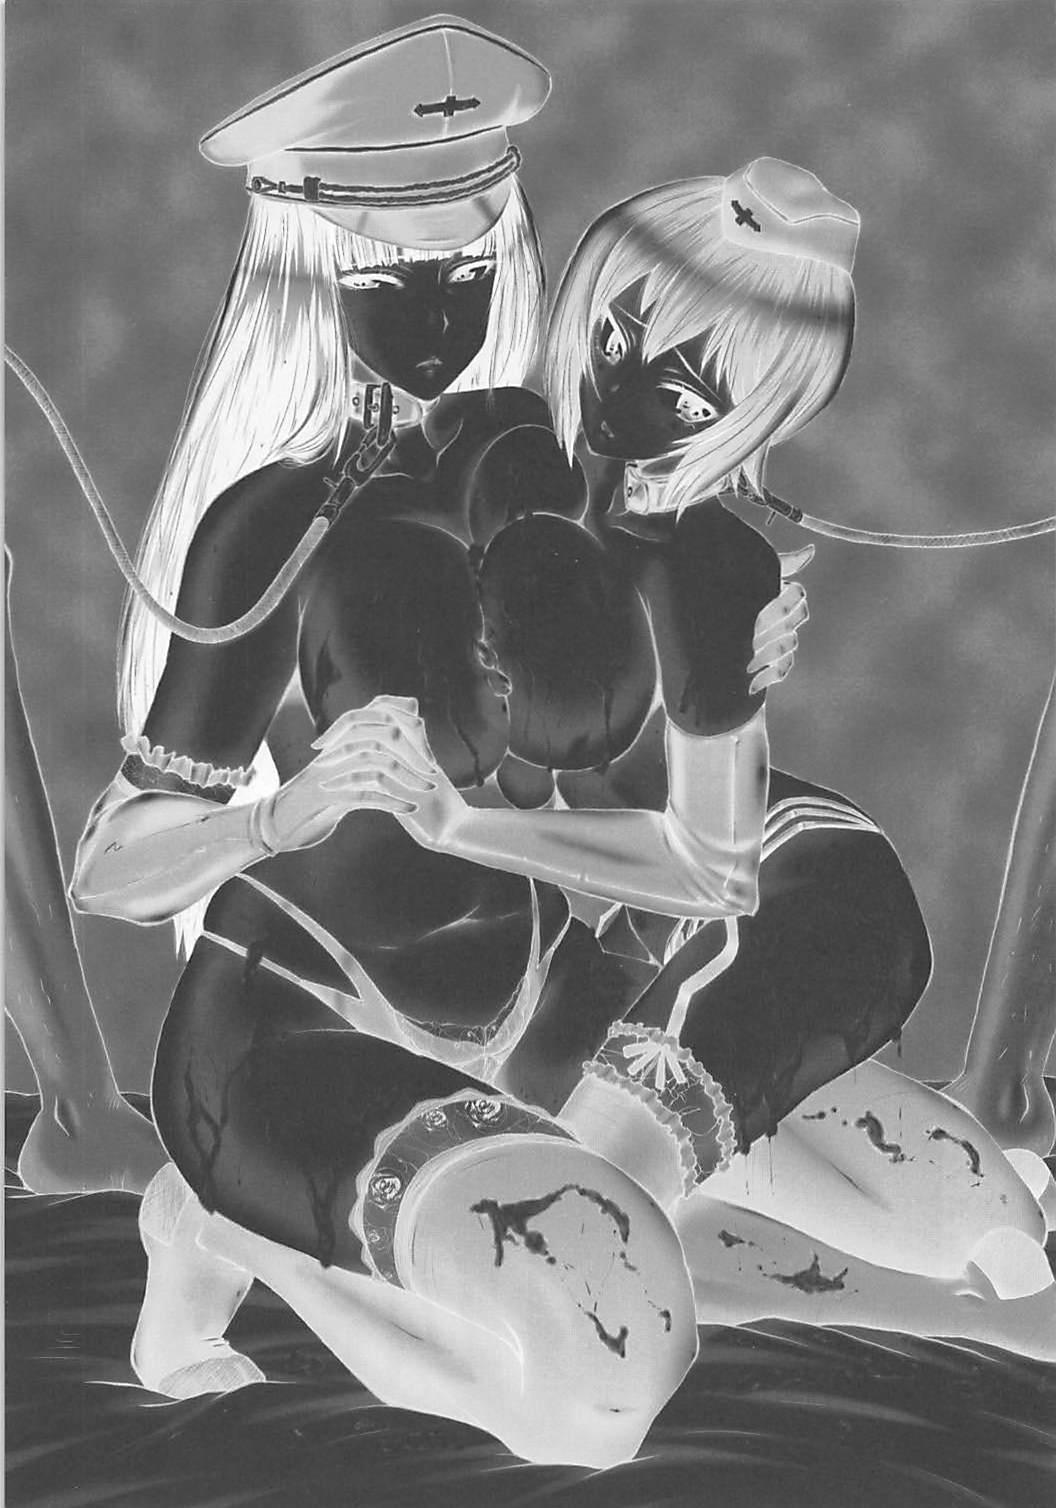 (C93) [Urakata Honpo (SINK)] Urabambi Vol. 56 ~Choubatsubou no Oyako Ana~ Bijin Oyako no Kimeseku Kairaku Jigoku~ (Girls und Panzer) 1